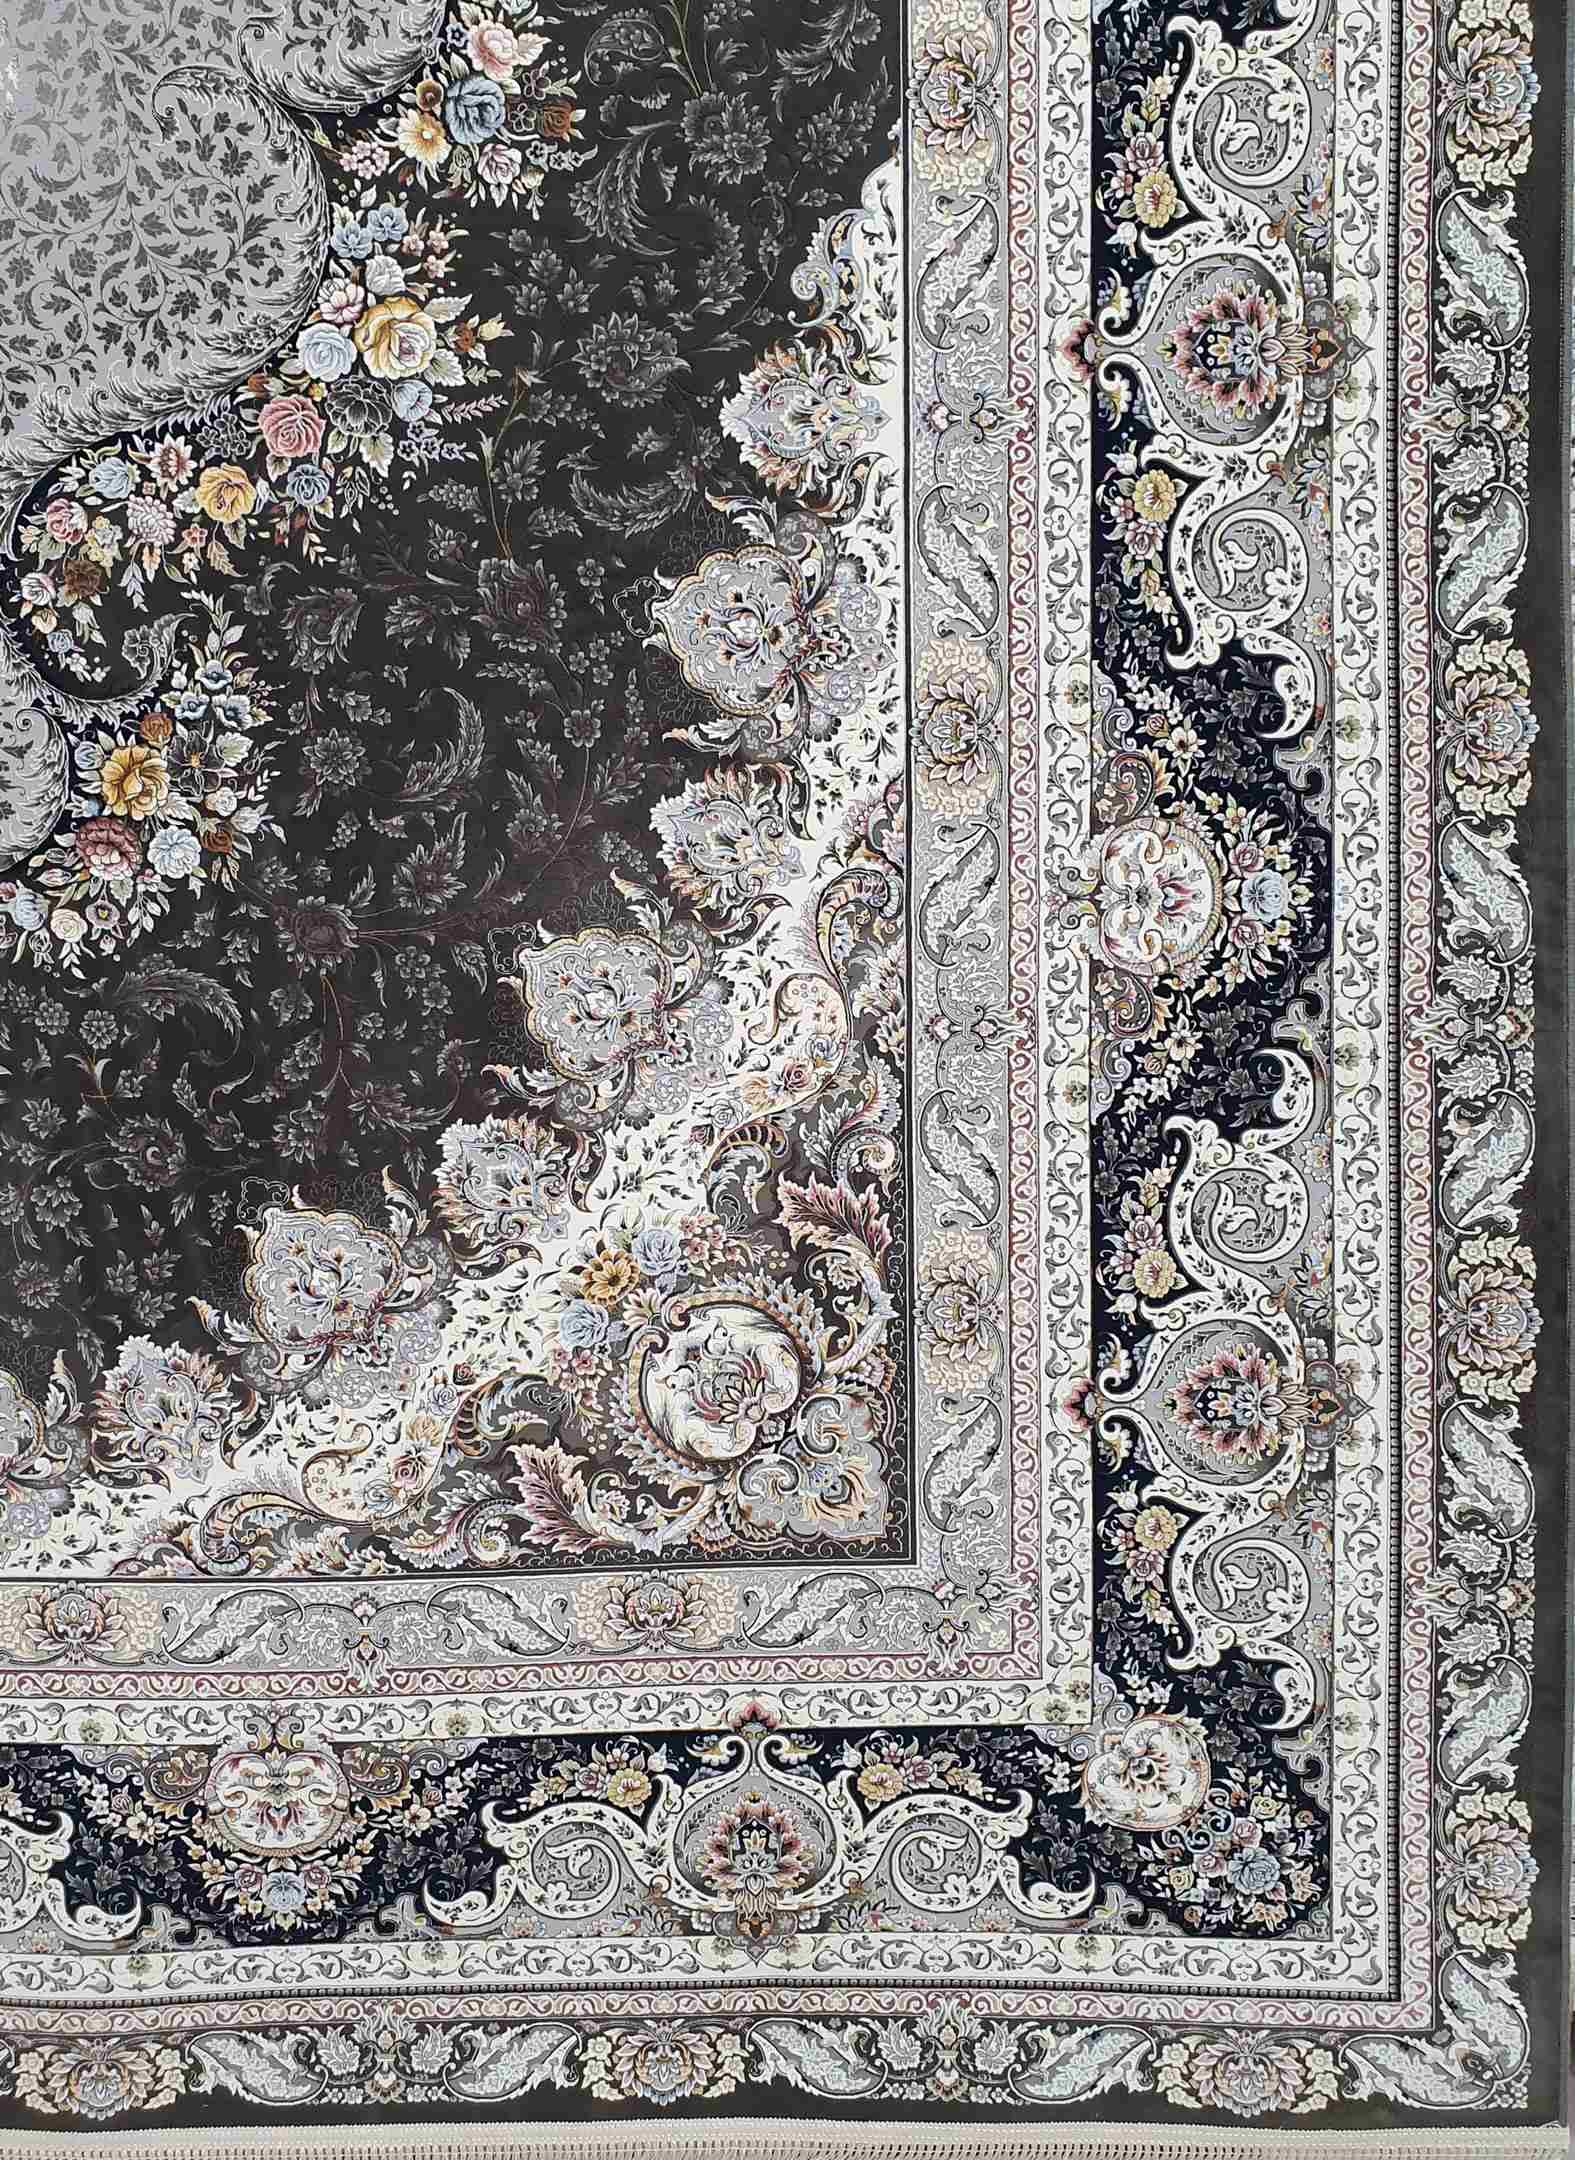 فرش 1500 نقشه سپنتا